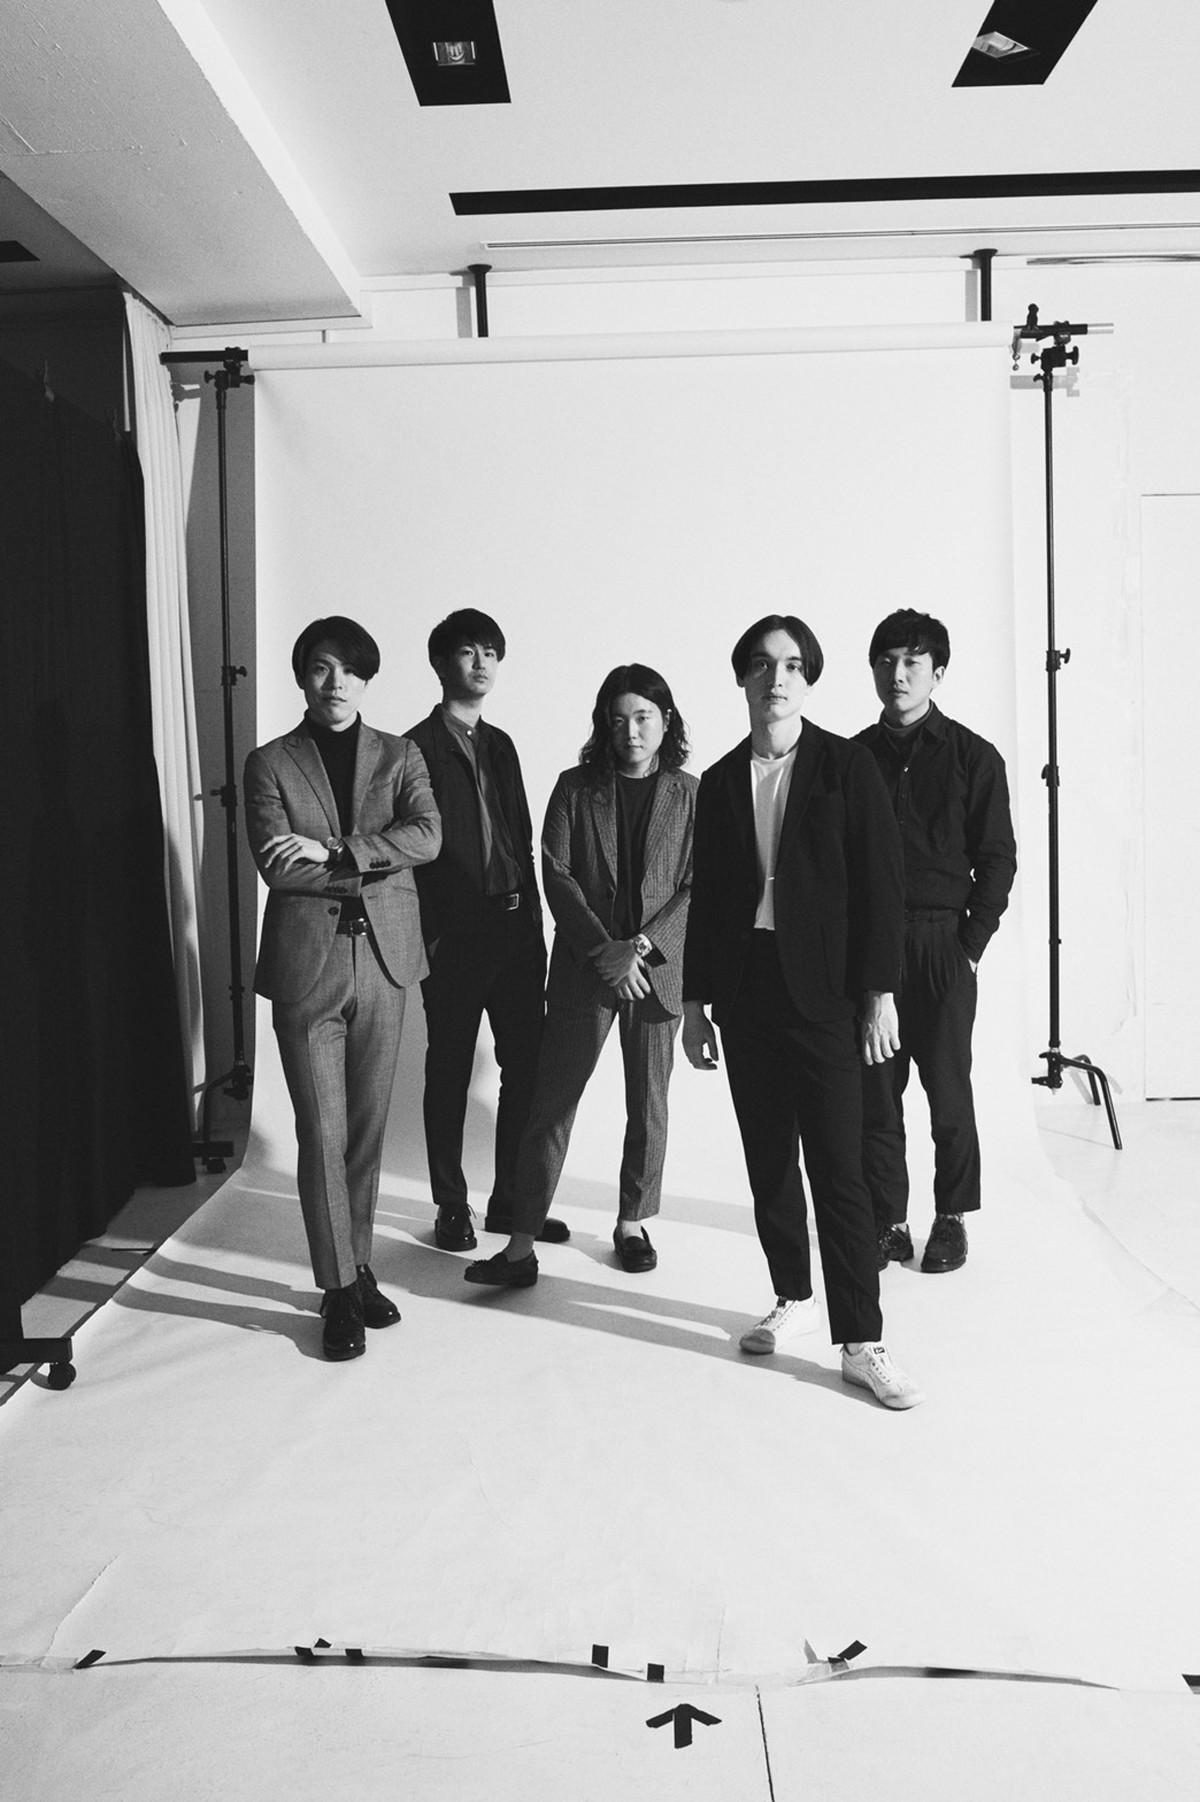 """日/米/韓からなる多国籍5人組バンド・Johnnivan、""""音楽・創作することへの讃美歌""""をテーマに制作された『Danced Once』"""